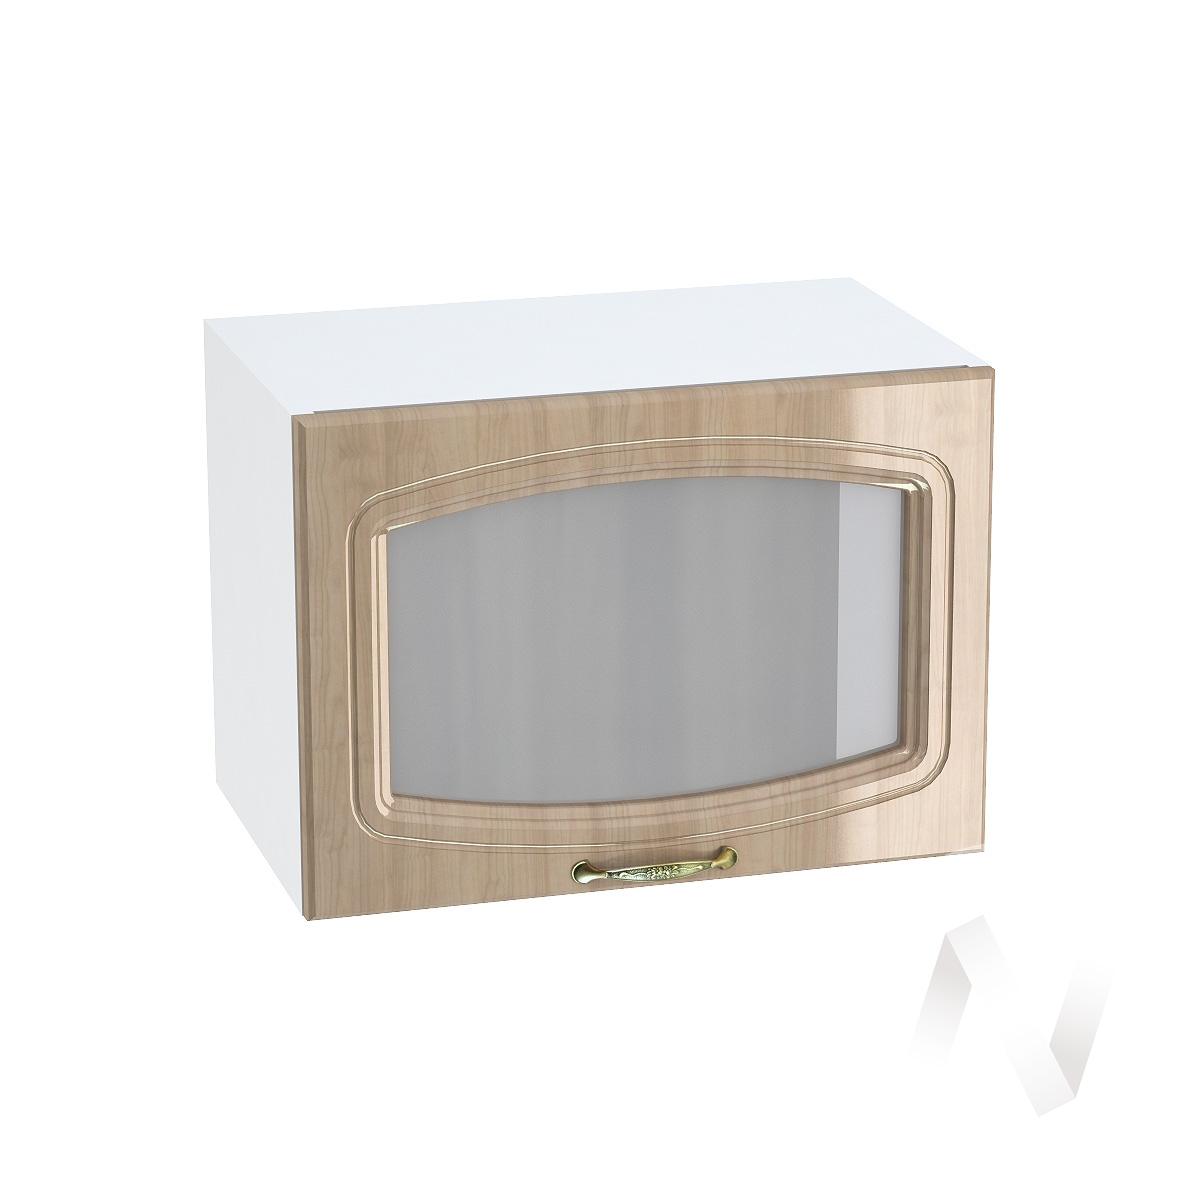 """Кухня """"Сити"""": Шкаф верхний горизонтальный со стеклом 500, ШВГС 500 (корпус белый)  в Новосибирске - интернет магазин Мебельный Проспект"""